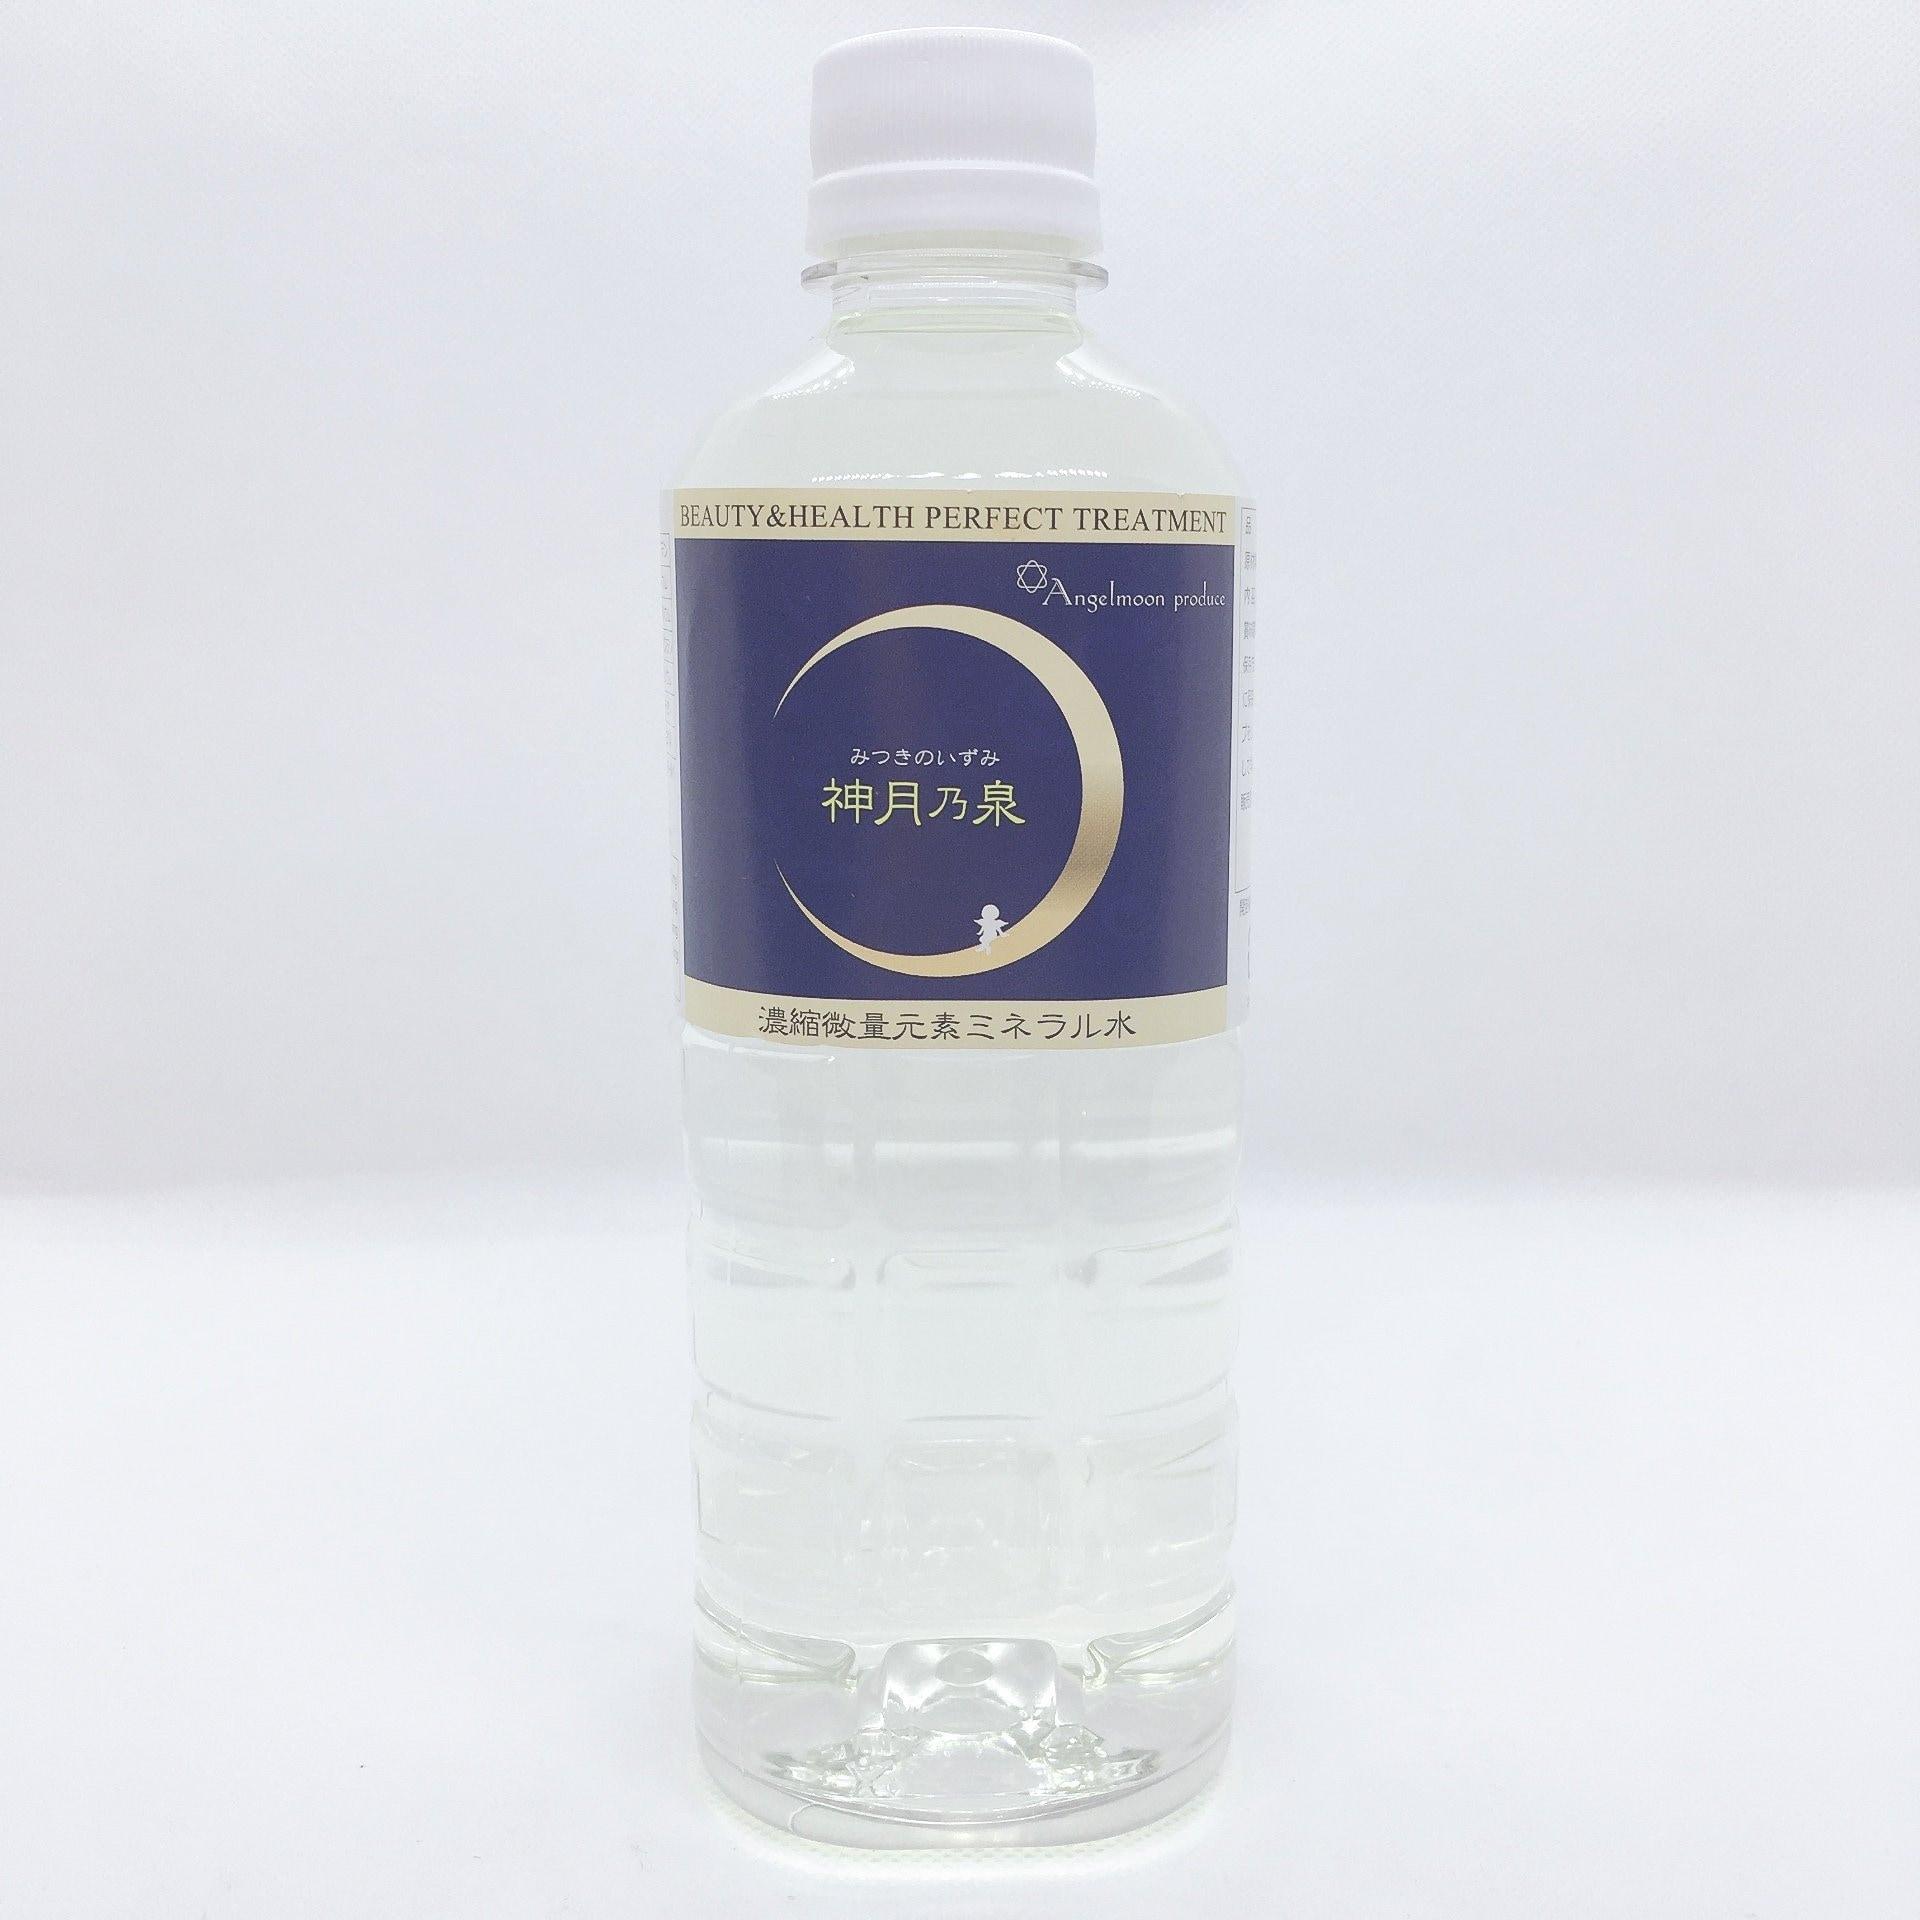 ミネラル 濃縮微量元素ミネラル水 神月乃泉 セット価格 ★500ml&詰め替え専用ボトル★のイメージその2